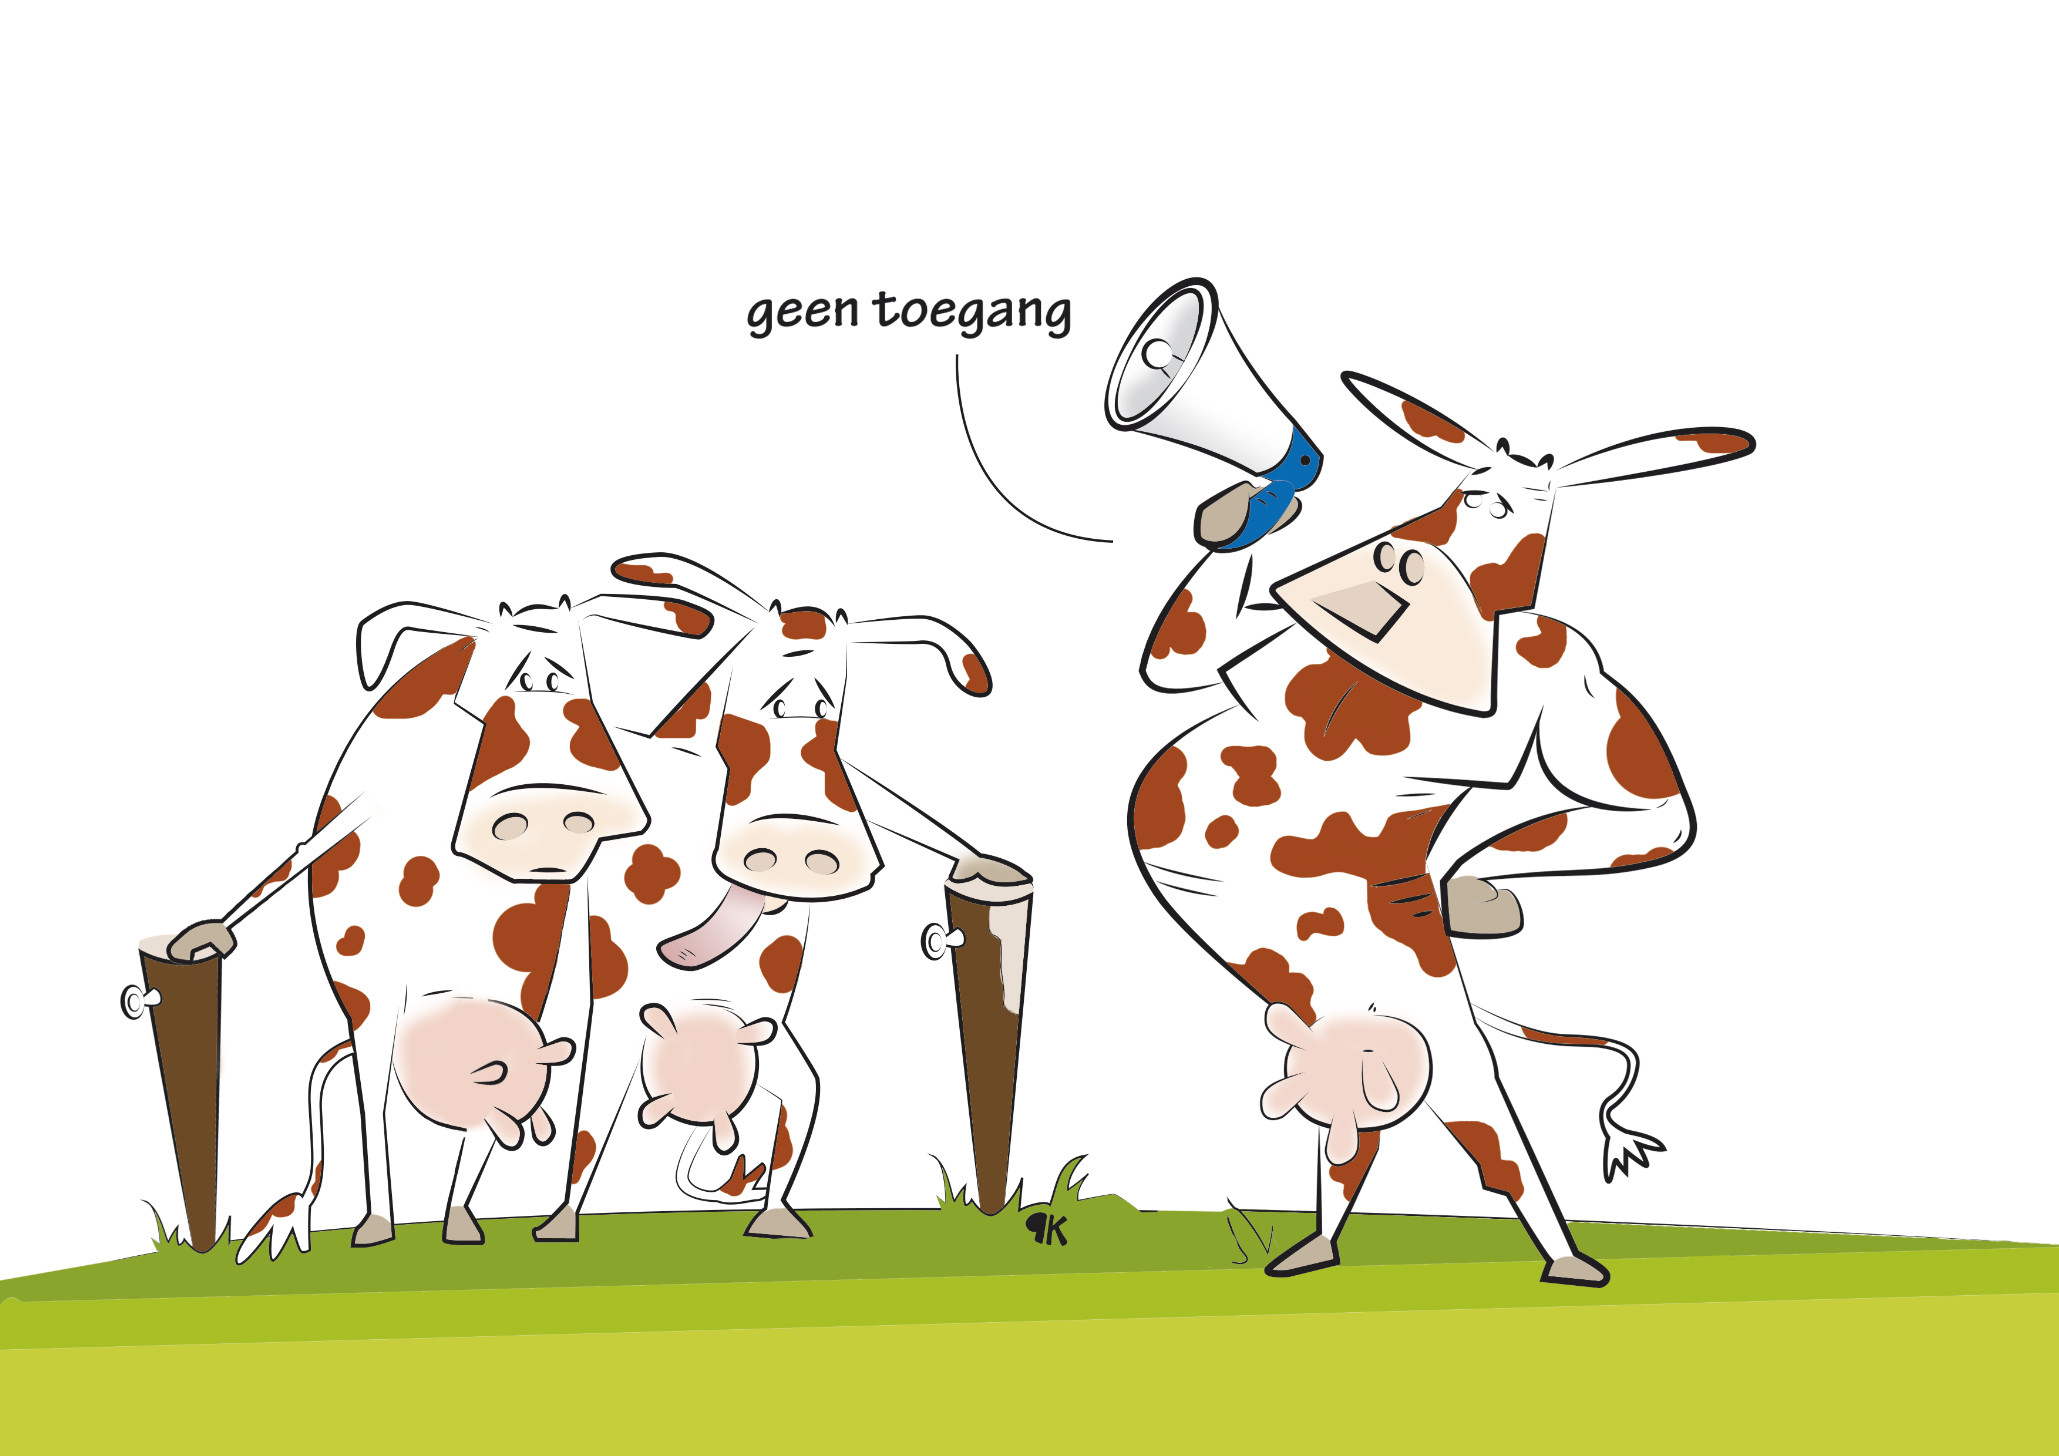 Kruisen nieuwe generatie bruine bonen in volle gang limagrain nederland bv - Hoe een lange gang te plannen ...